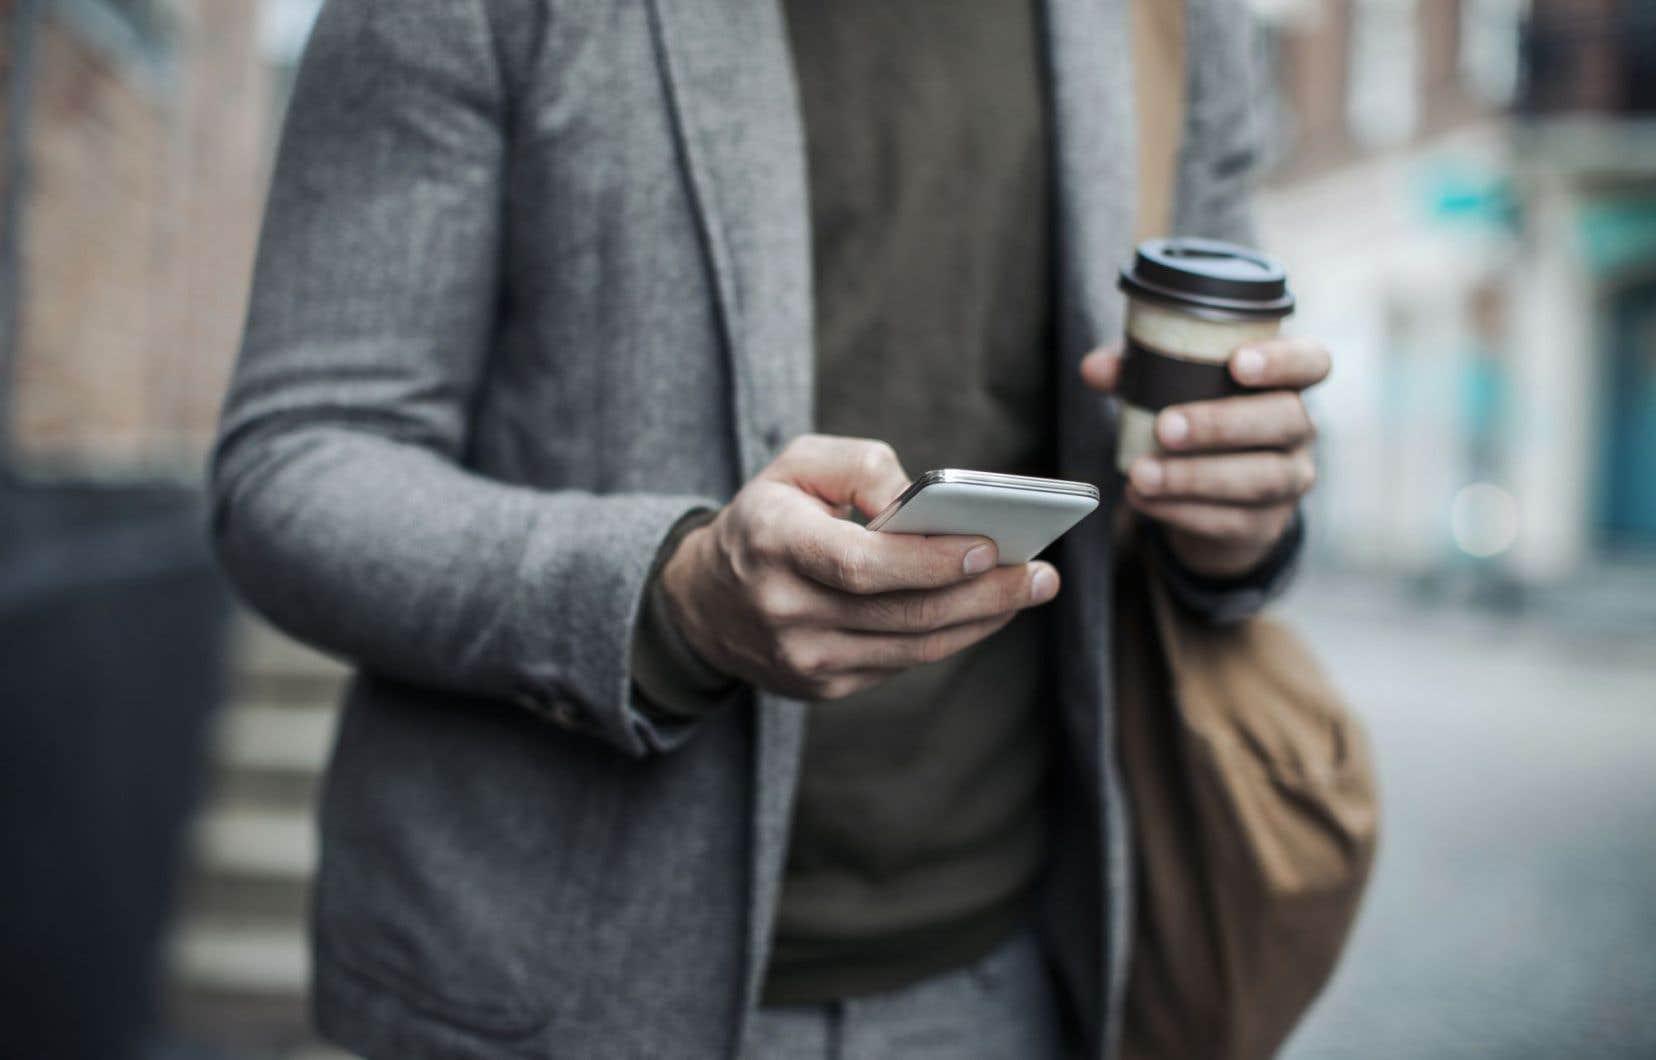 L'enquête dénonce «la passivité» des plateformes sociales face à ces discours dont la diffusion semble se renforcer.